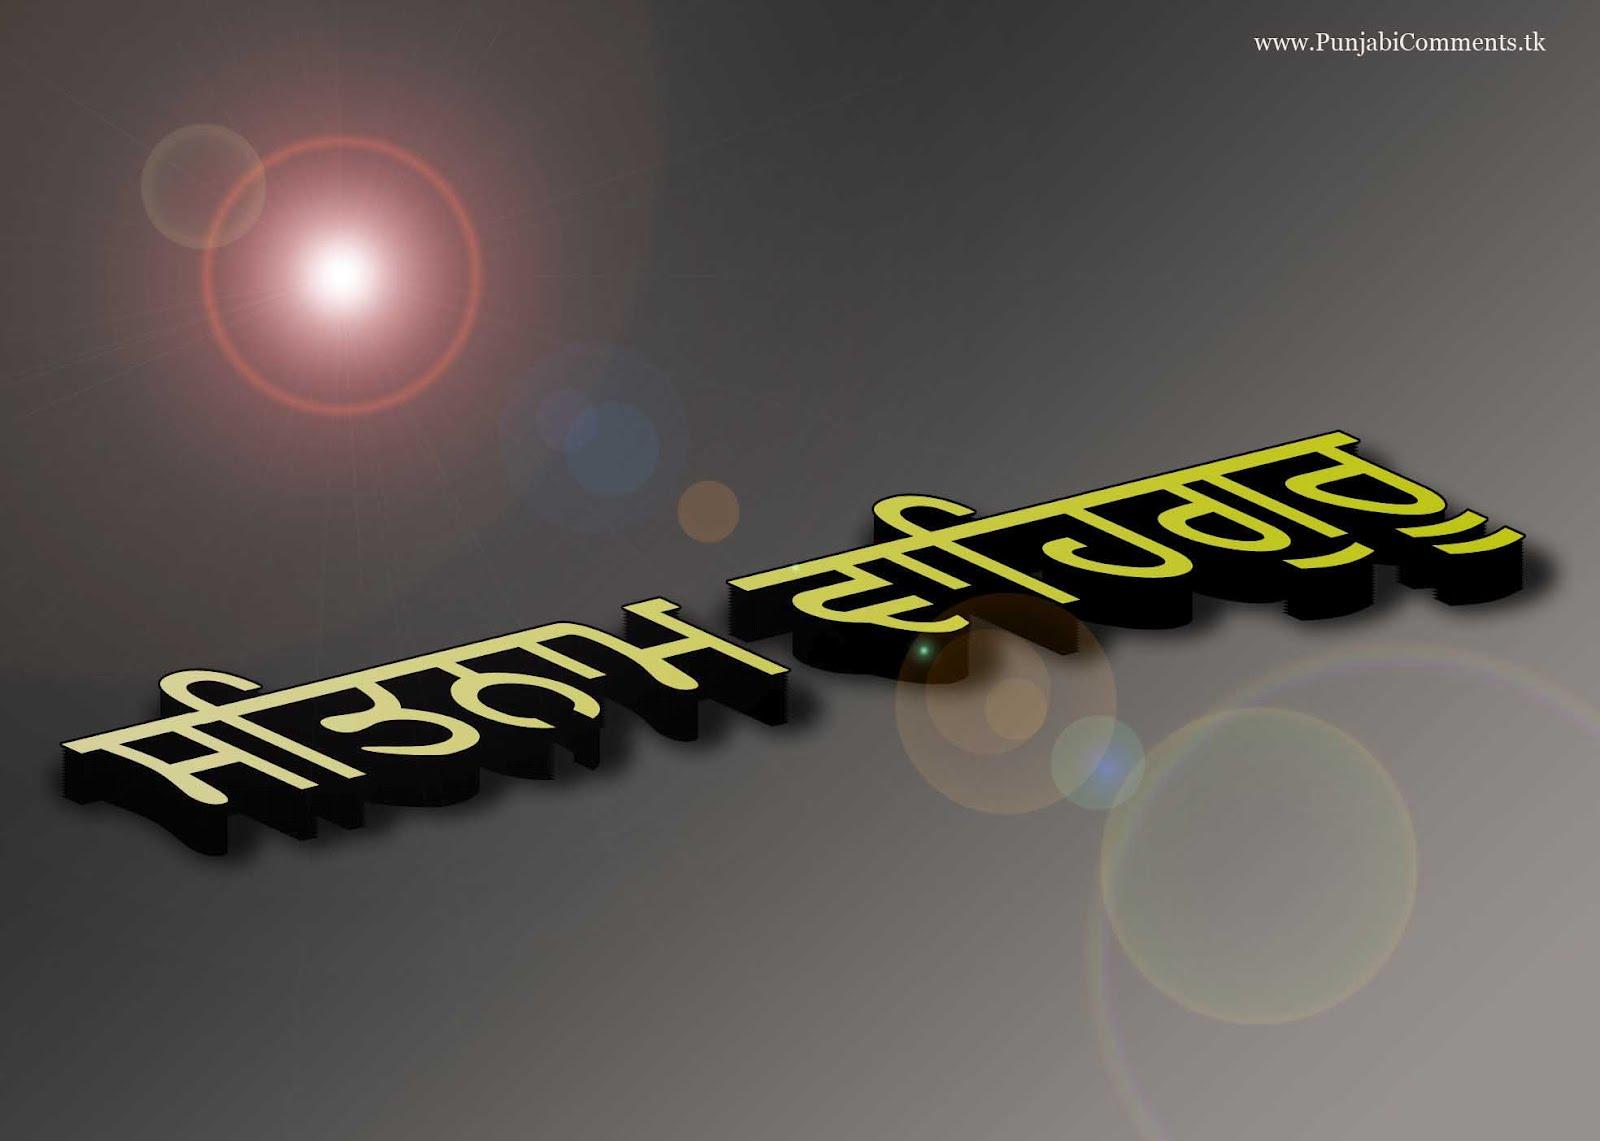 http://4.bp.blogspot.com/-pQ2ku-uRLRI/UBDEjCyx6RI/AAAAAAAAB3M/qdd88zt2o8E/s1600/sa%2Bcopy.jpg